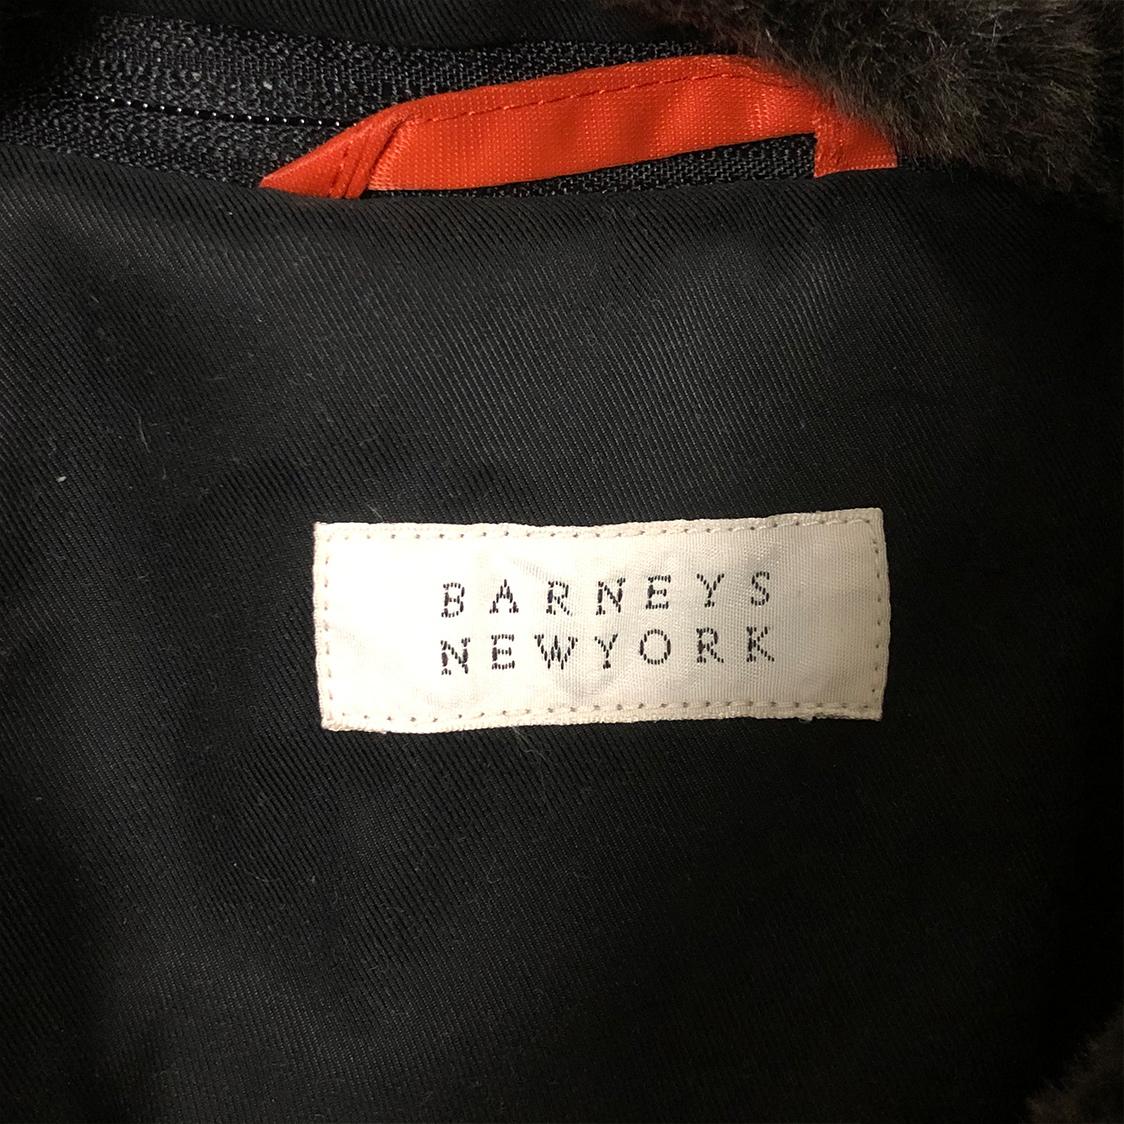 BARNEYS NEWYORK バーニーズニューヨーク 【Mサイズ】ボンバージャケット アウター ブルゾン ボア付き